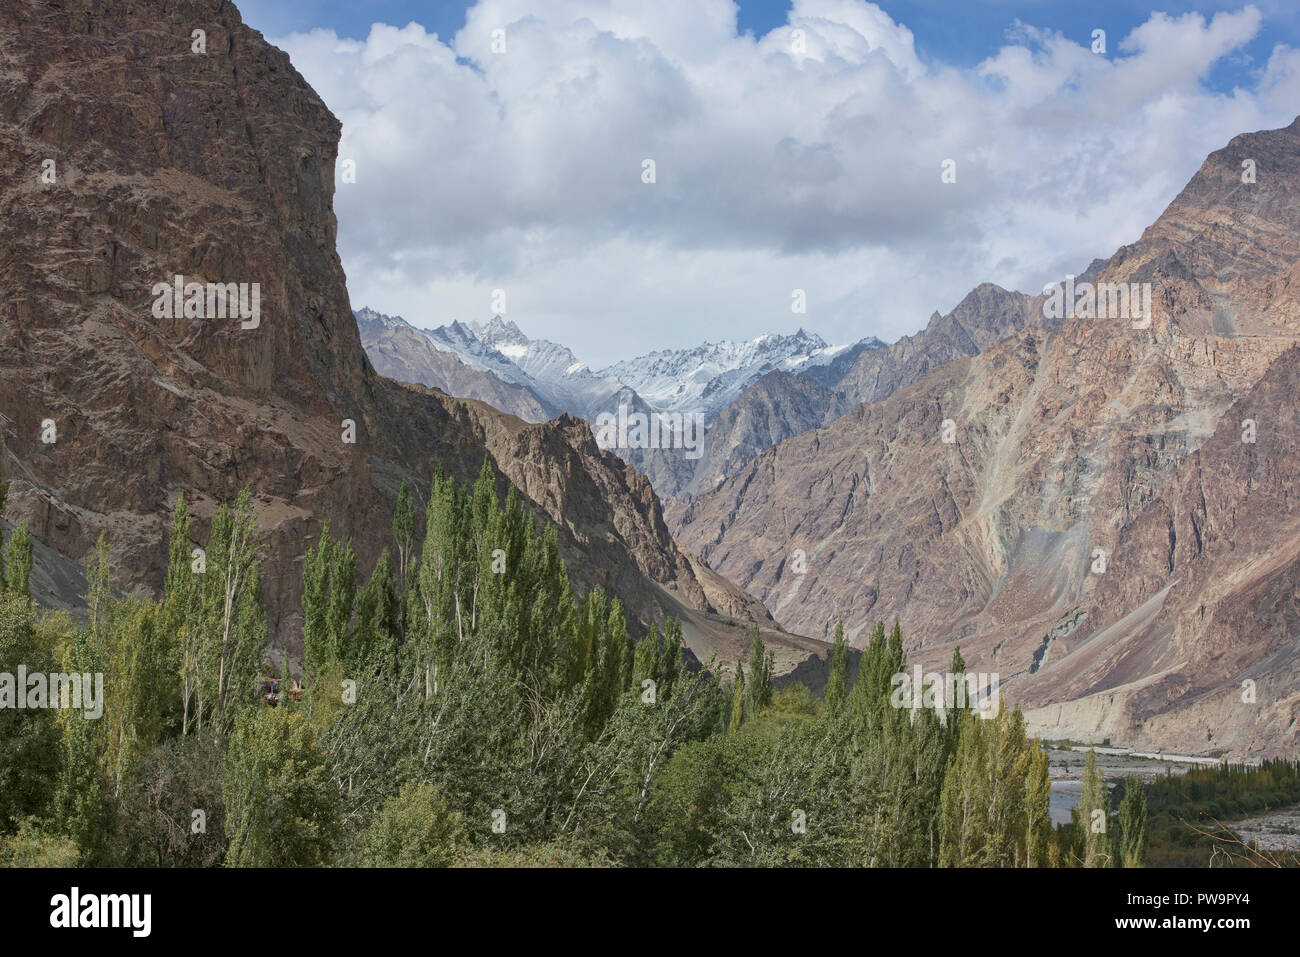 The Karakoram Mountains above Turtuk, Ladakh, India - Stock Image